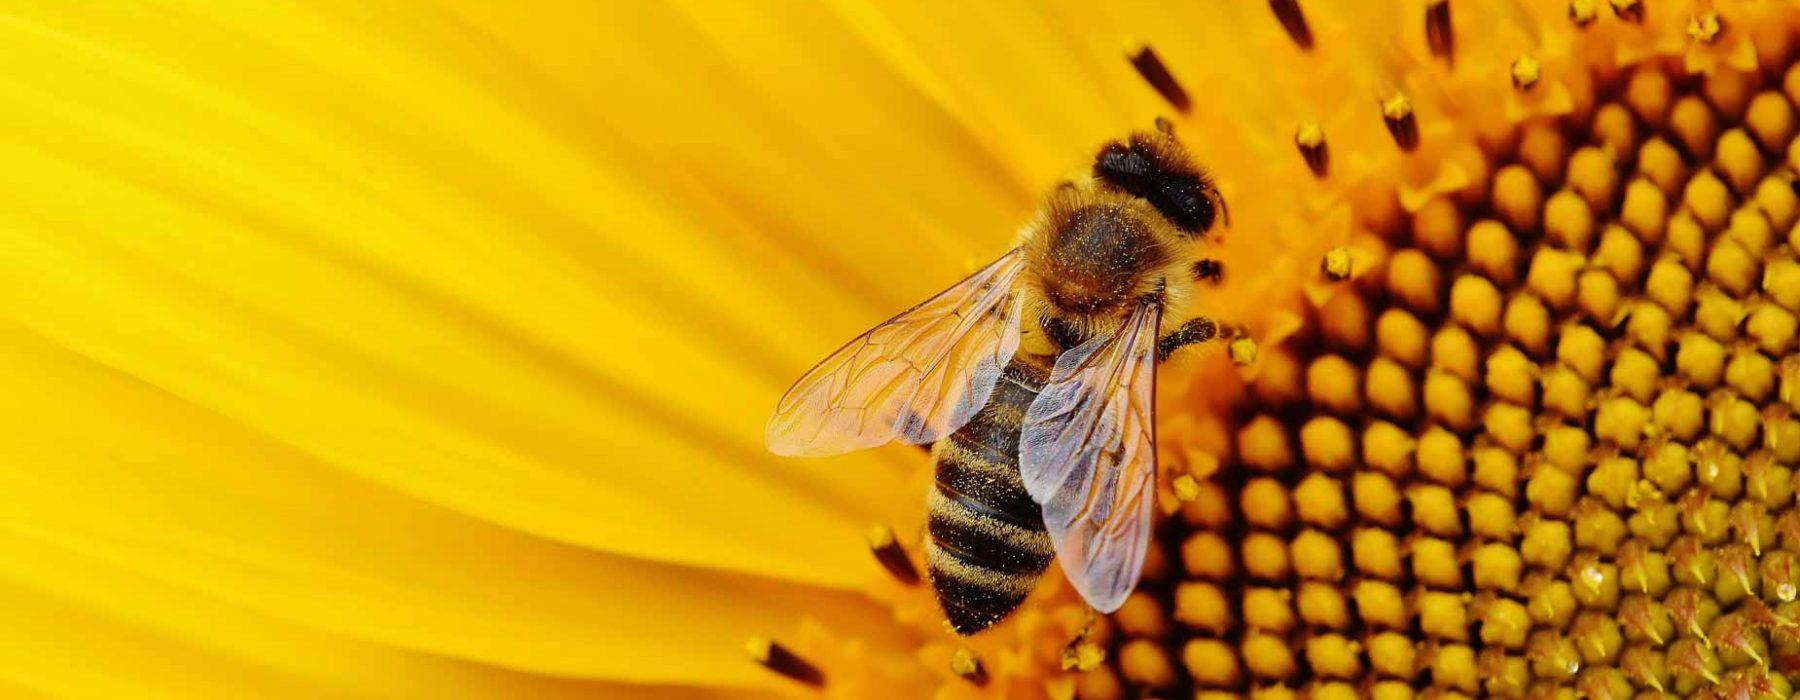 Благополучие и отличное здоровье (велнес). Когда пчелиный улей встречает науку